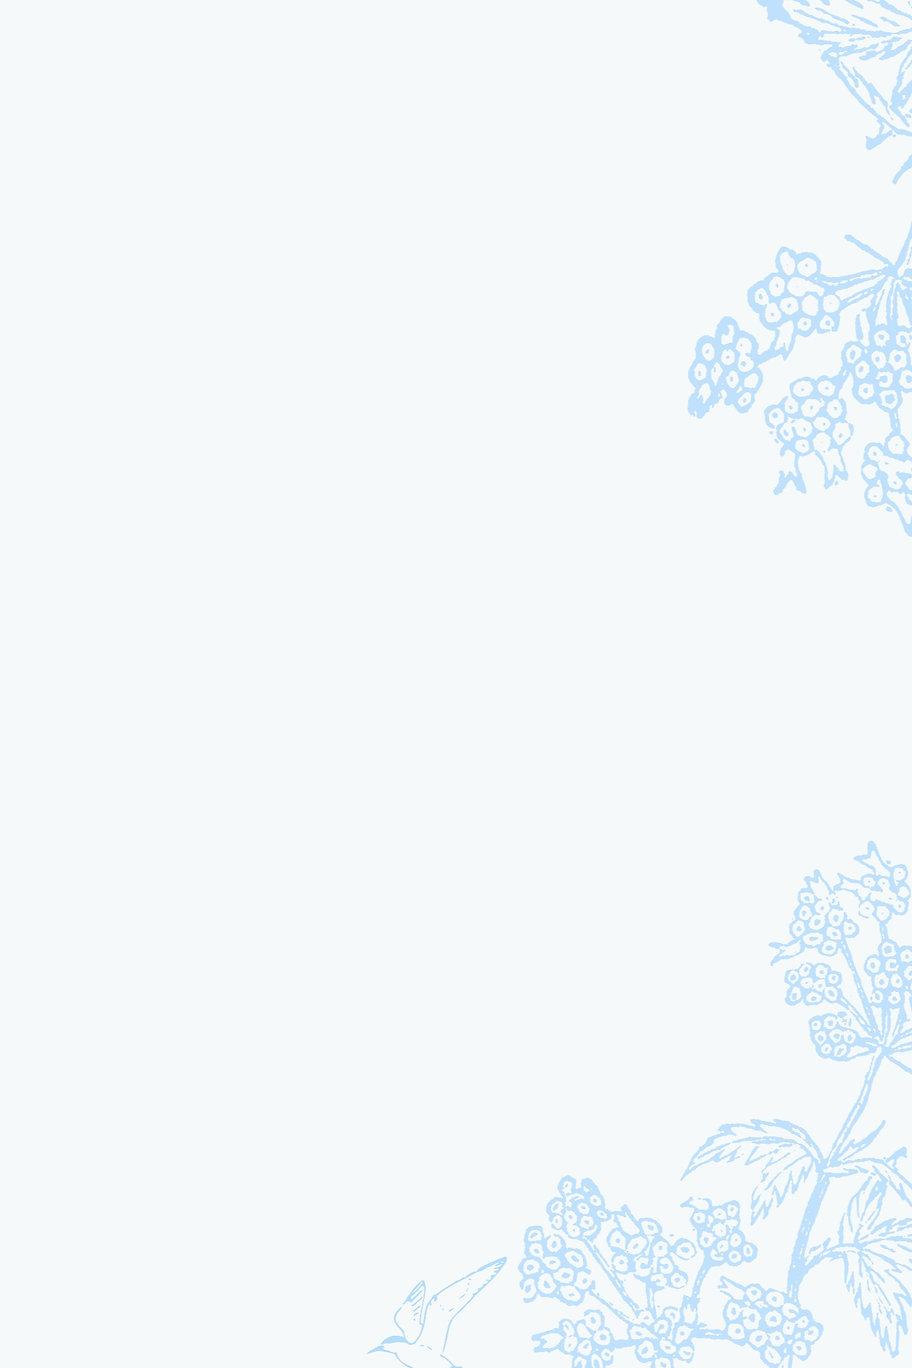 Blue flower background